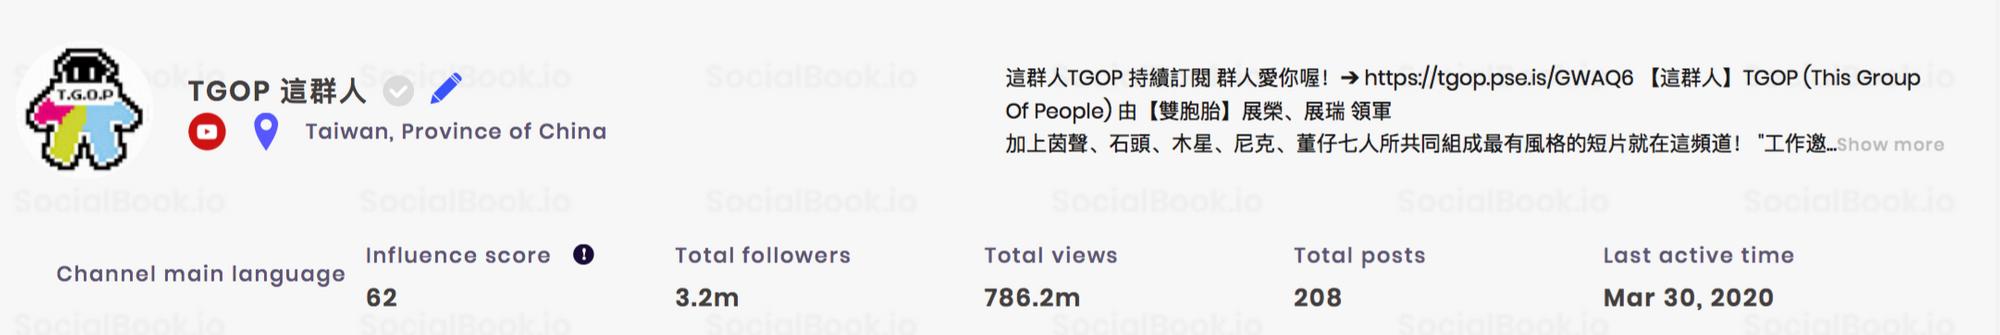 這群人TGOP YouTube频道粉丝